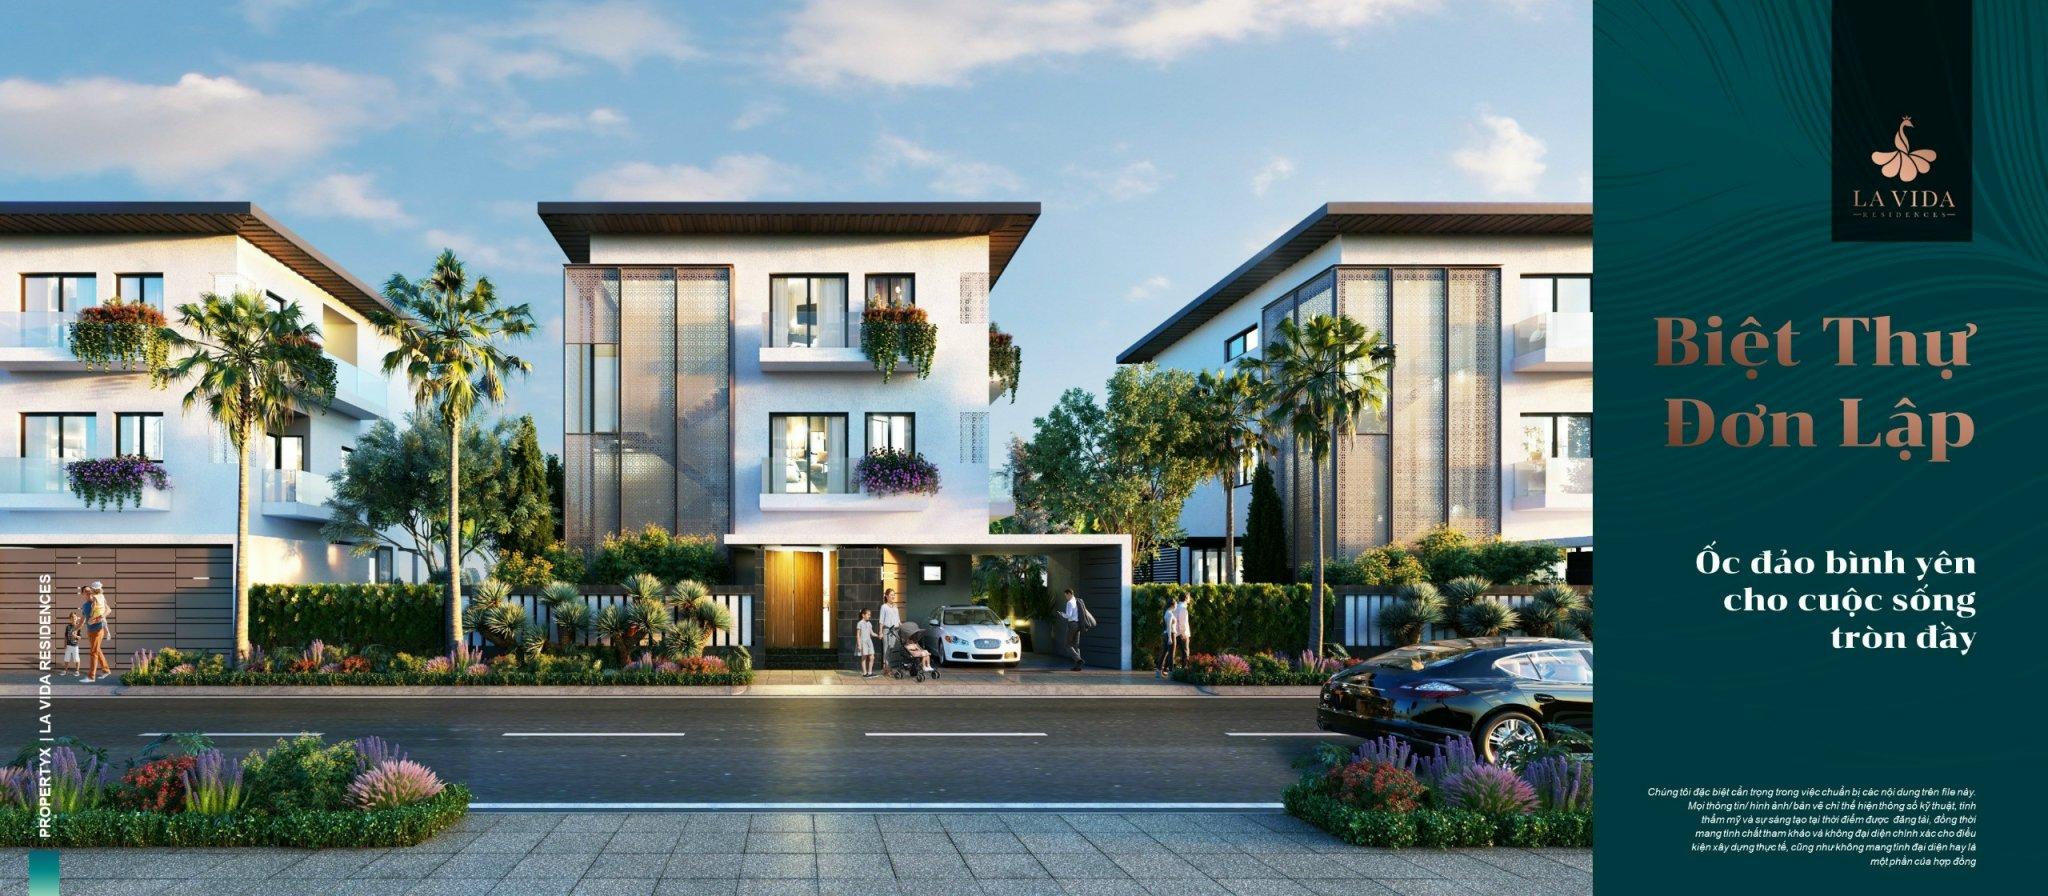 Biệt thự đơn laaoj Lavida Residences Vũng Tàu